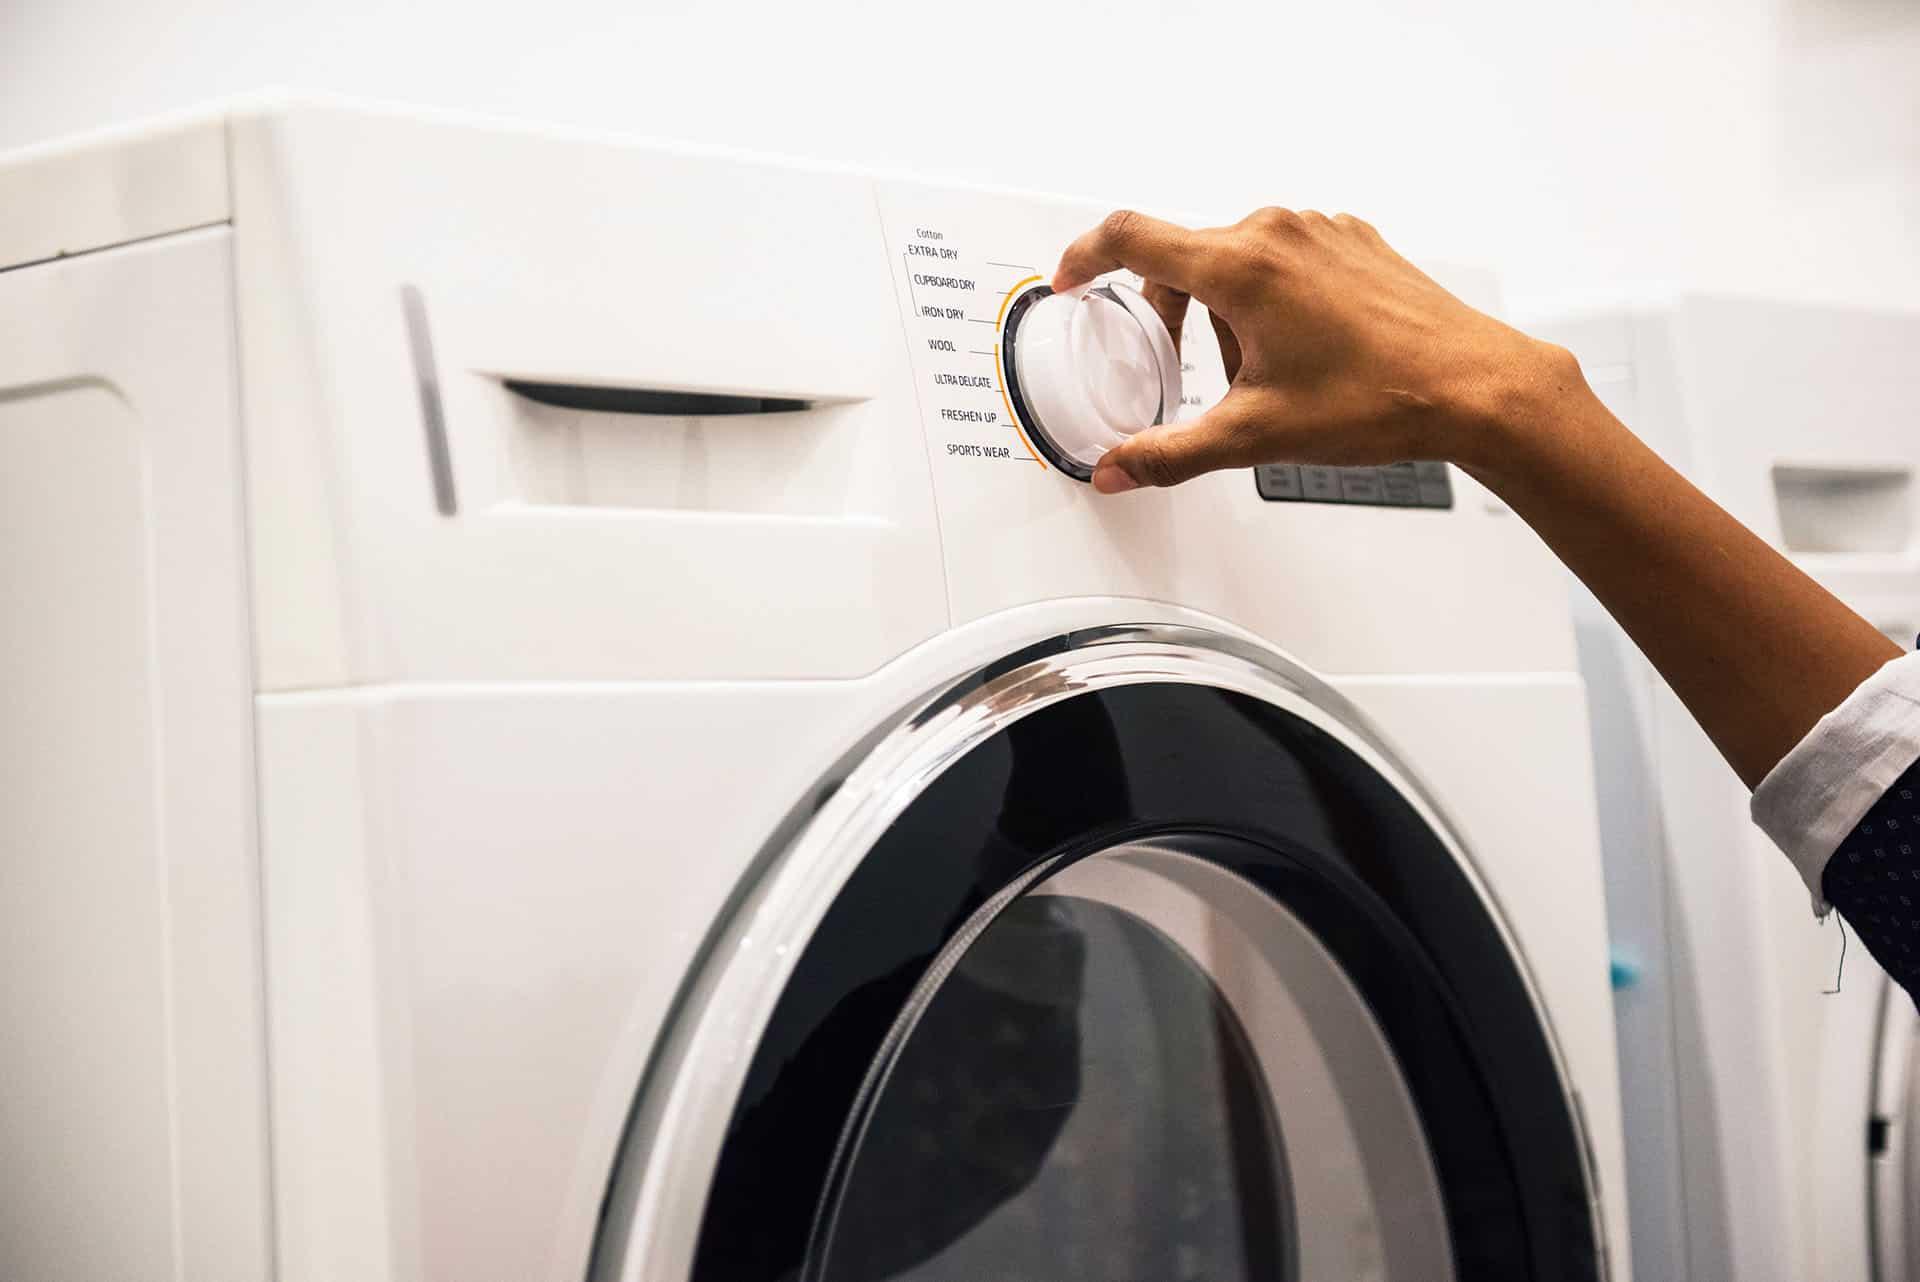 WD-40-thuisklussen-wasmachine